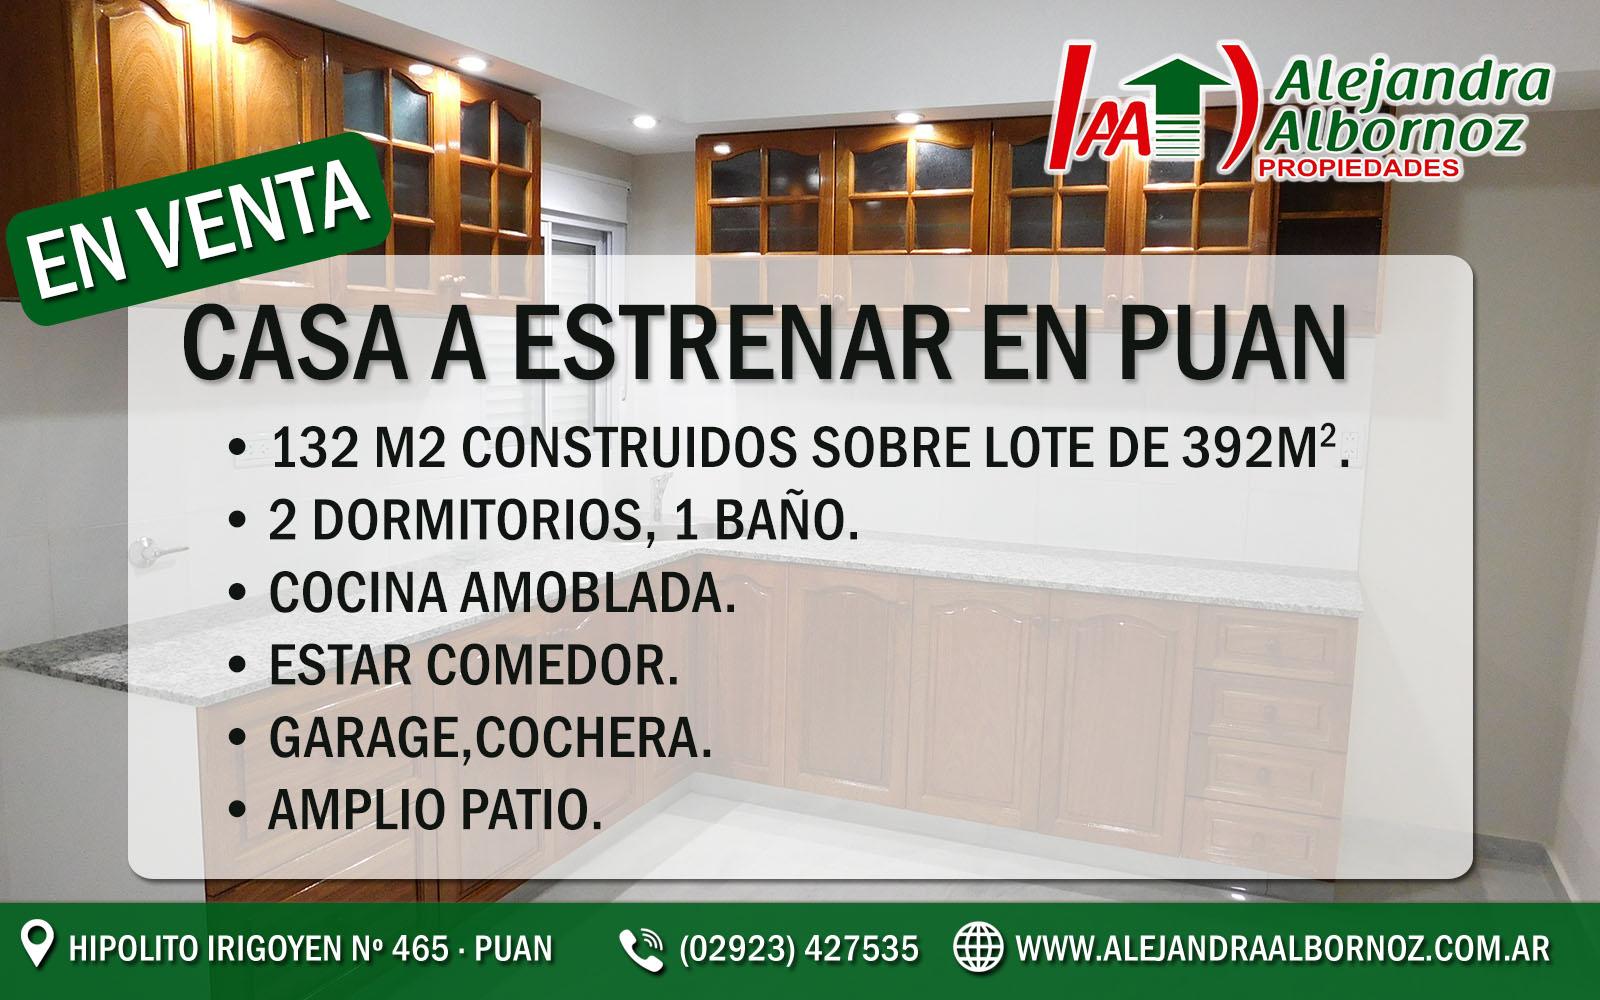 Plantilla venta CASA ESTRENAR PUAN